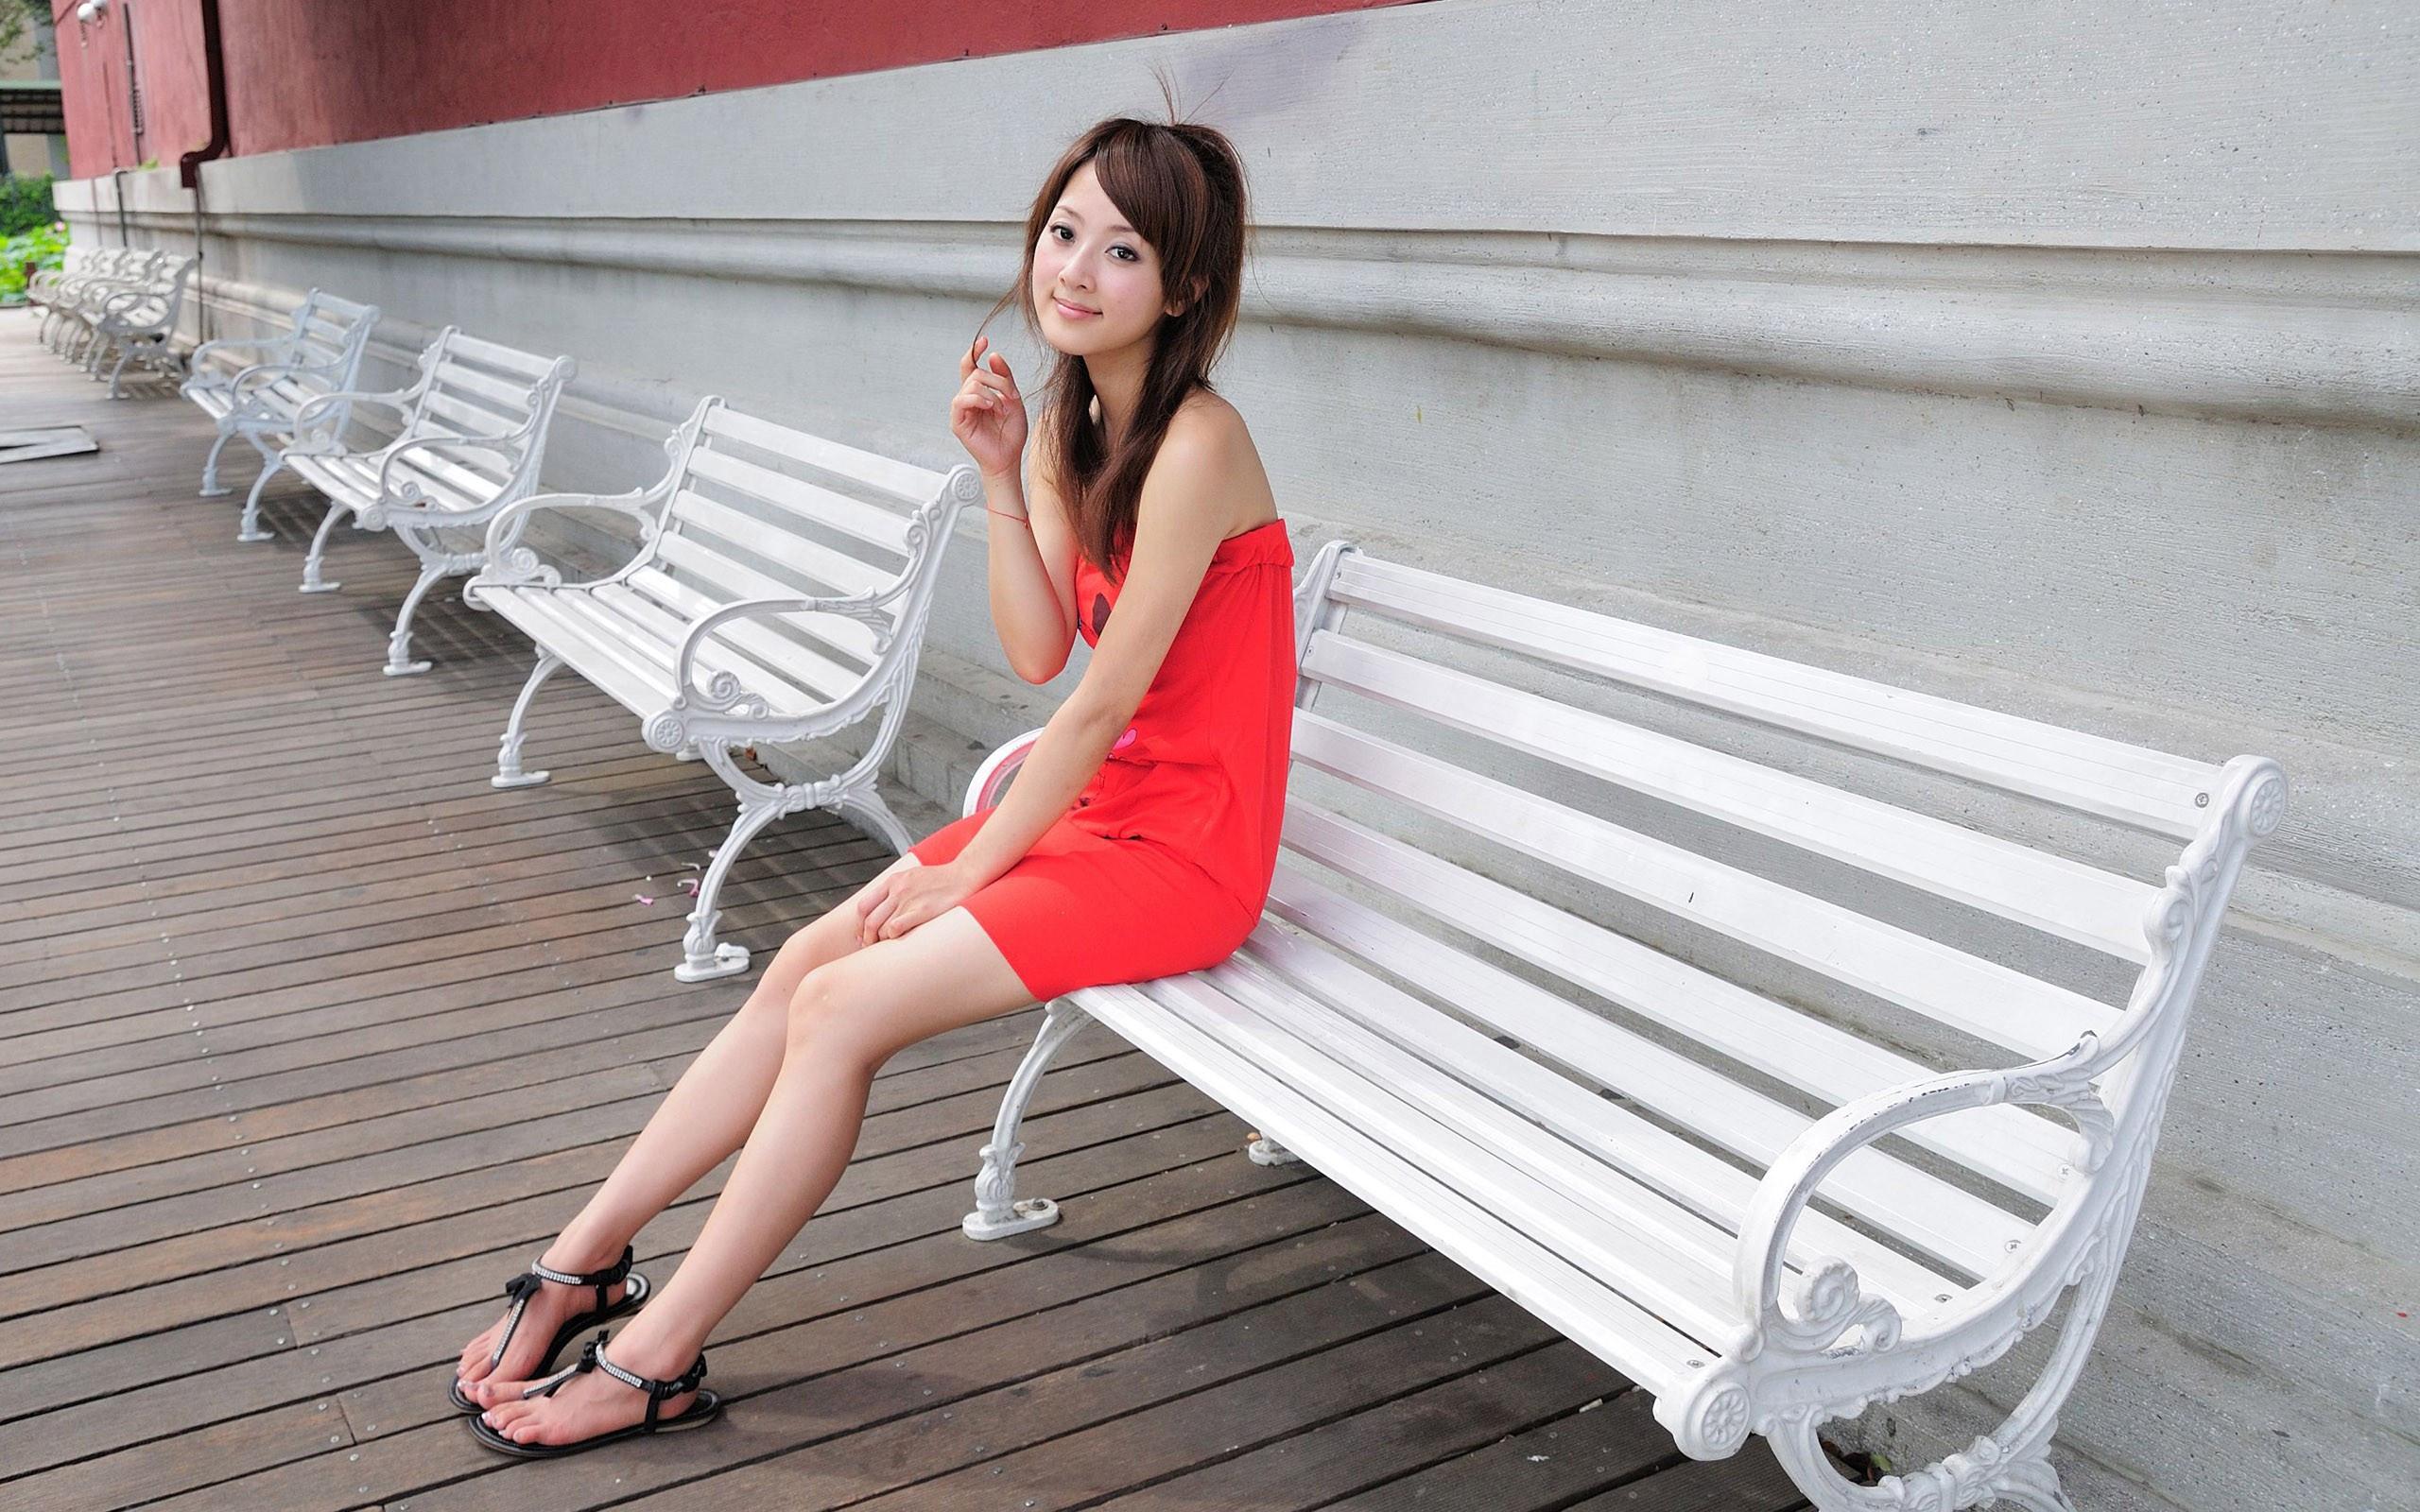 Asian Teen Feet Girl , HD Wallpaper & Backgrounds